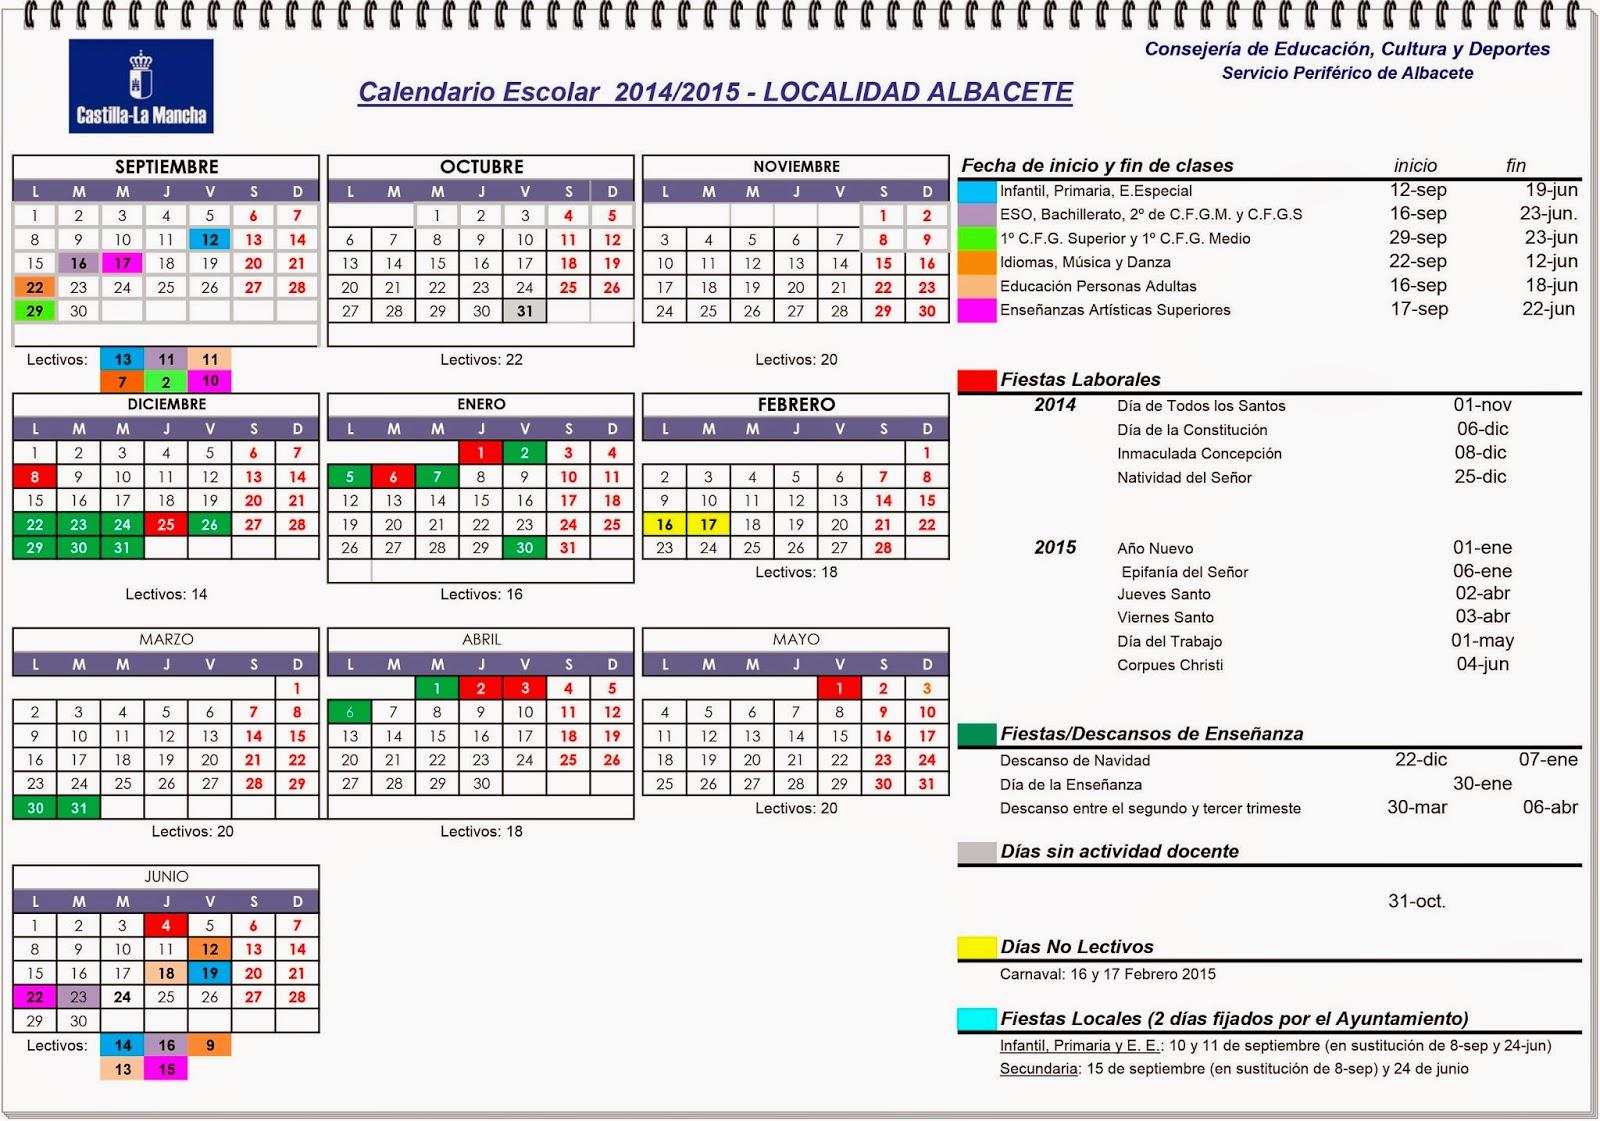 Colegio Santo Angel: Calendario Escolar 2014-2015 Localidad ALBACETE